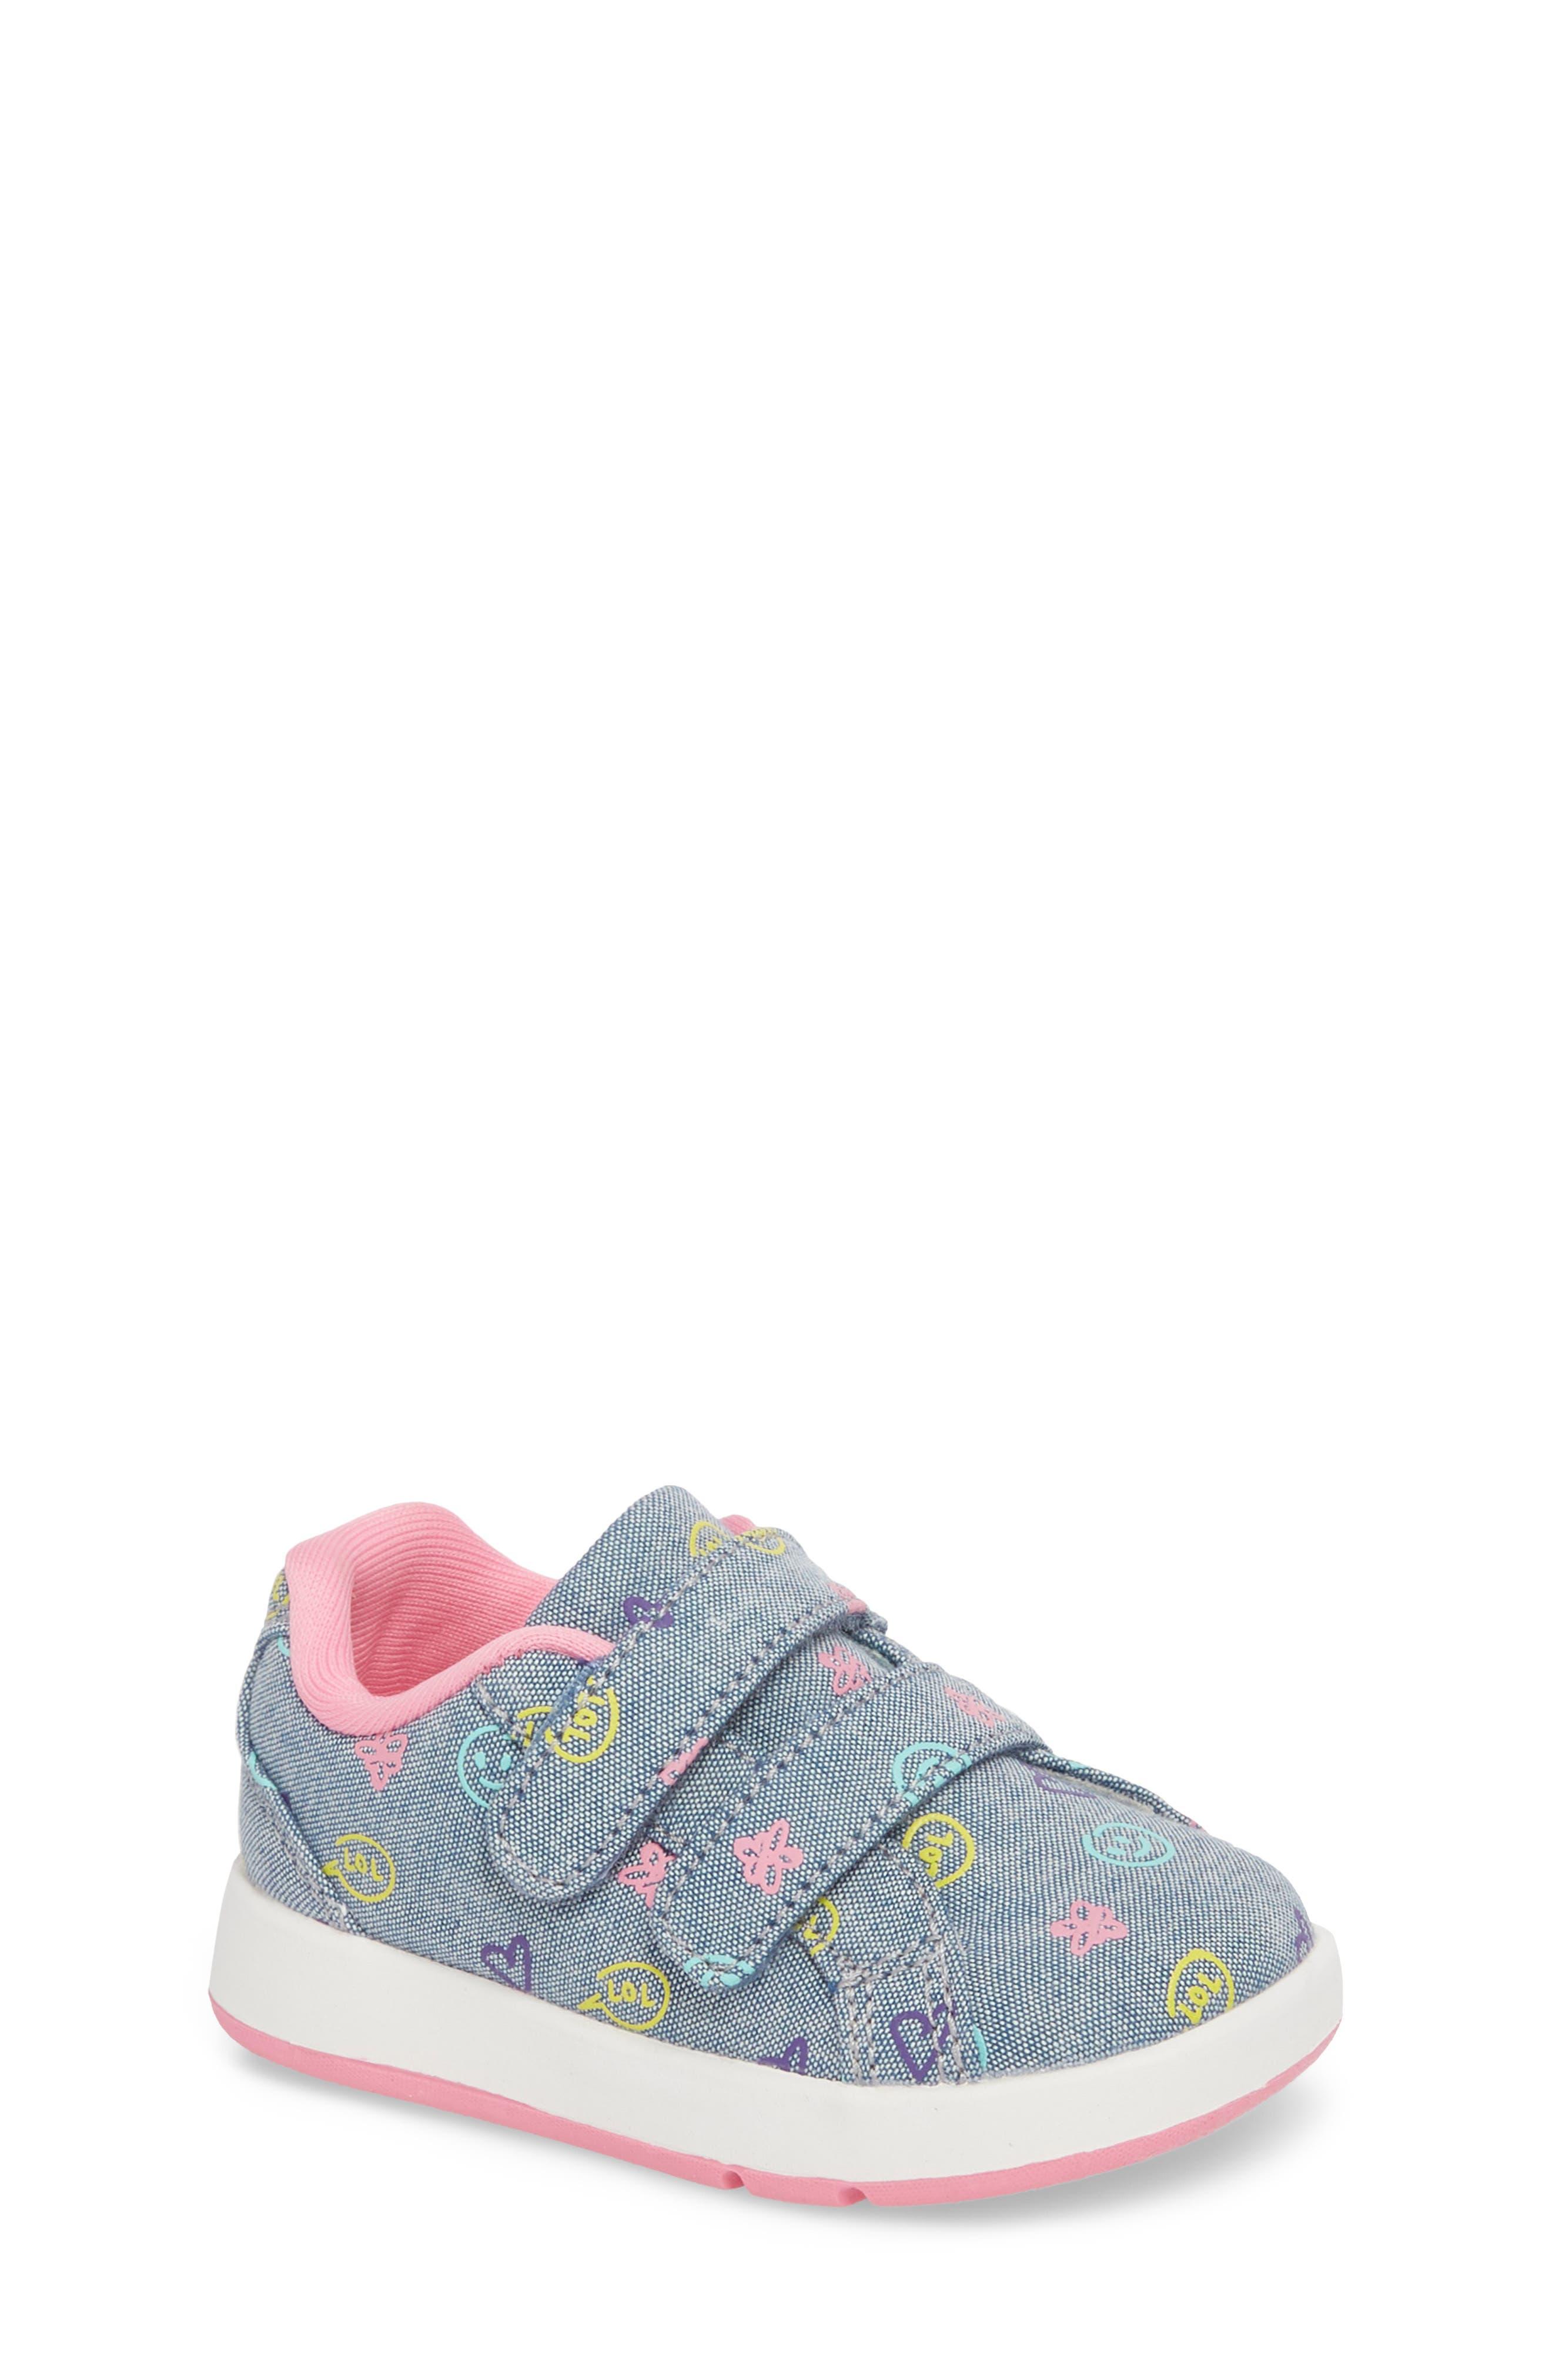 Kate Print Sneaker,                         Main,                         color, Blue Denim Printed Fabric